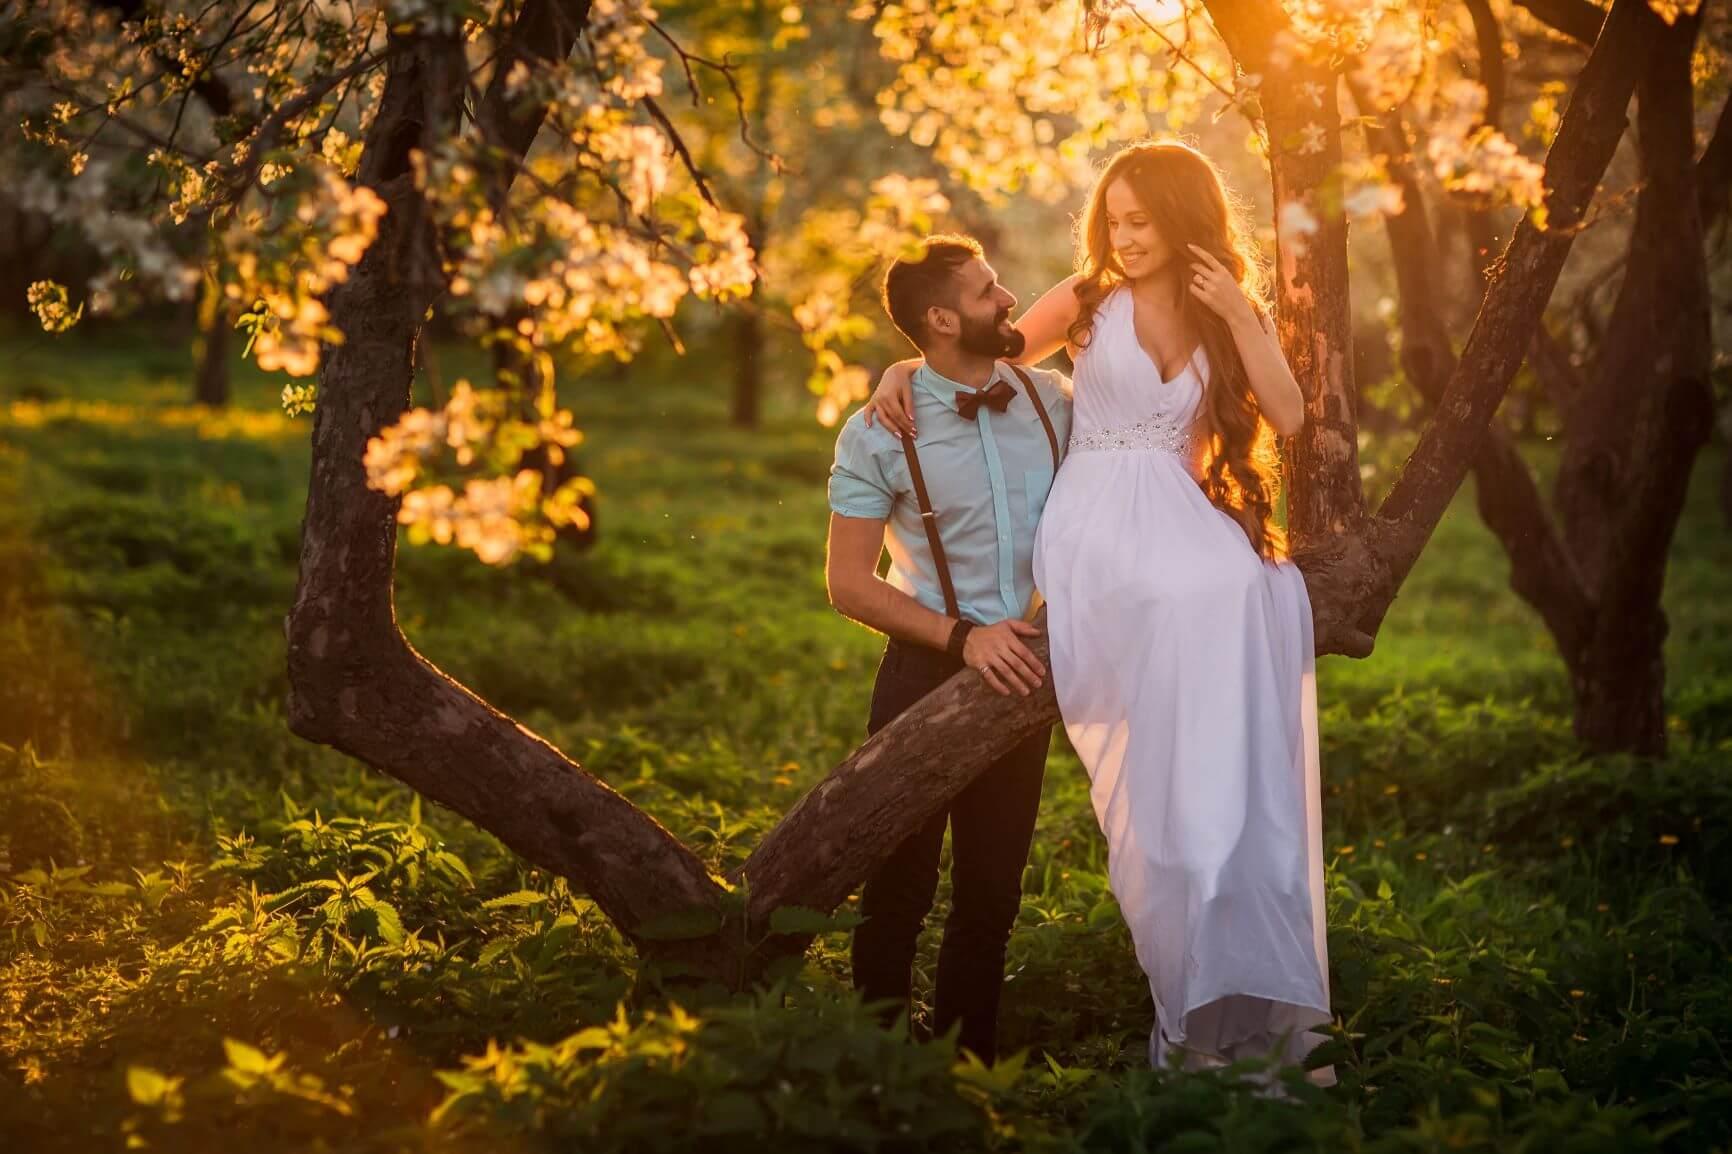 Ideas for a spring wedding idea